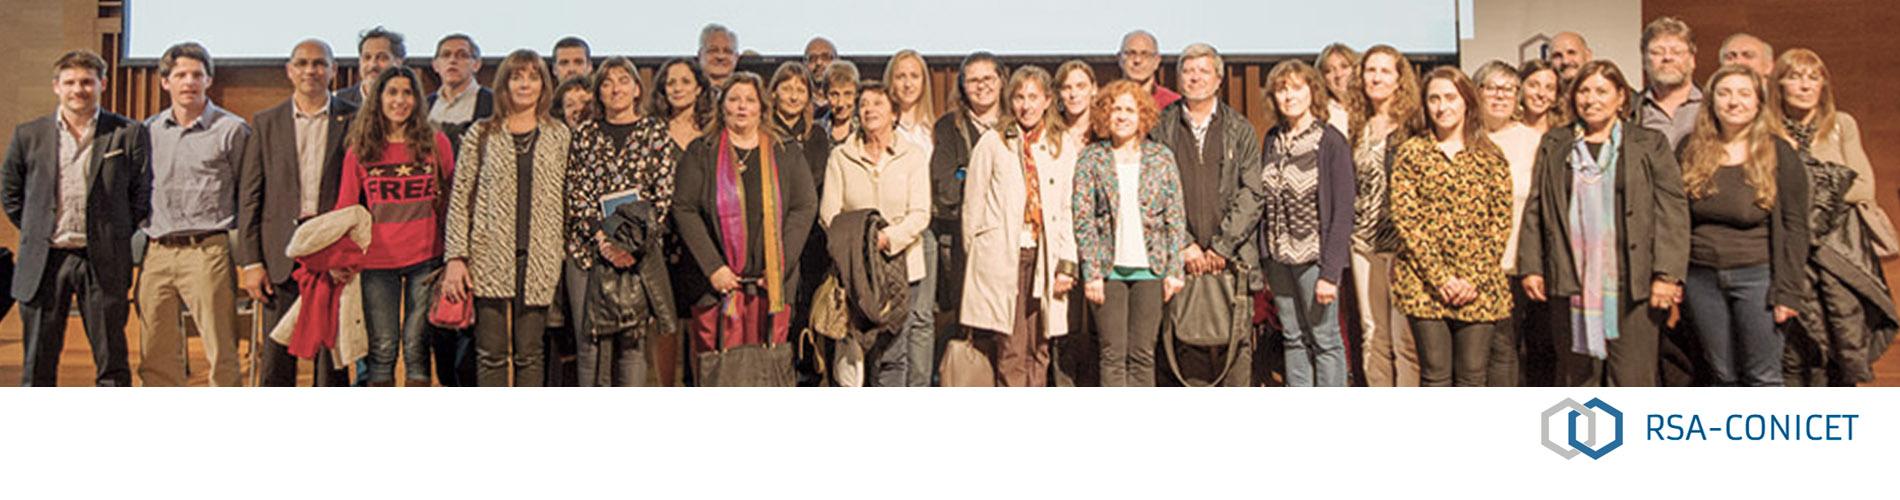 foto-integrantes-RSA